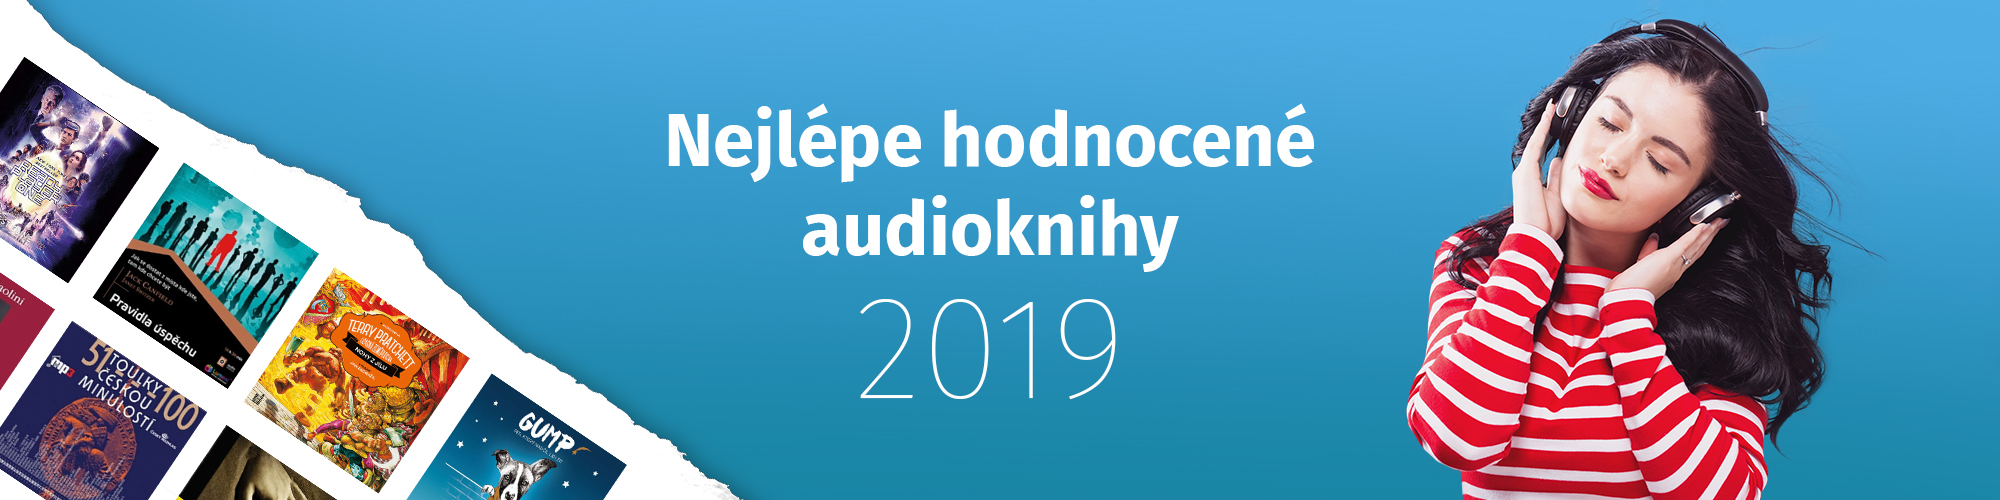 Nejlépe hodnocené audioknihy roku 2019